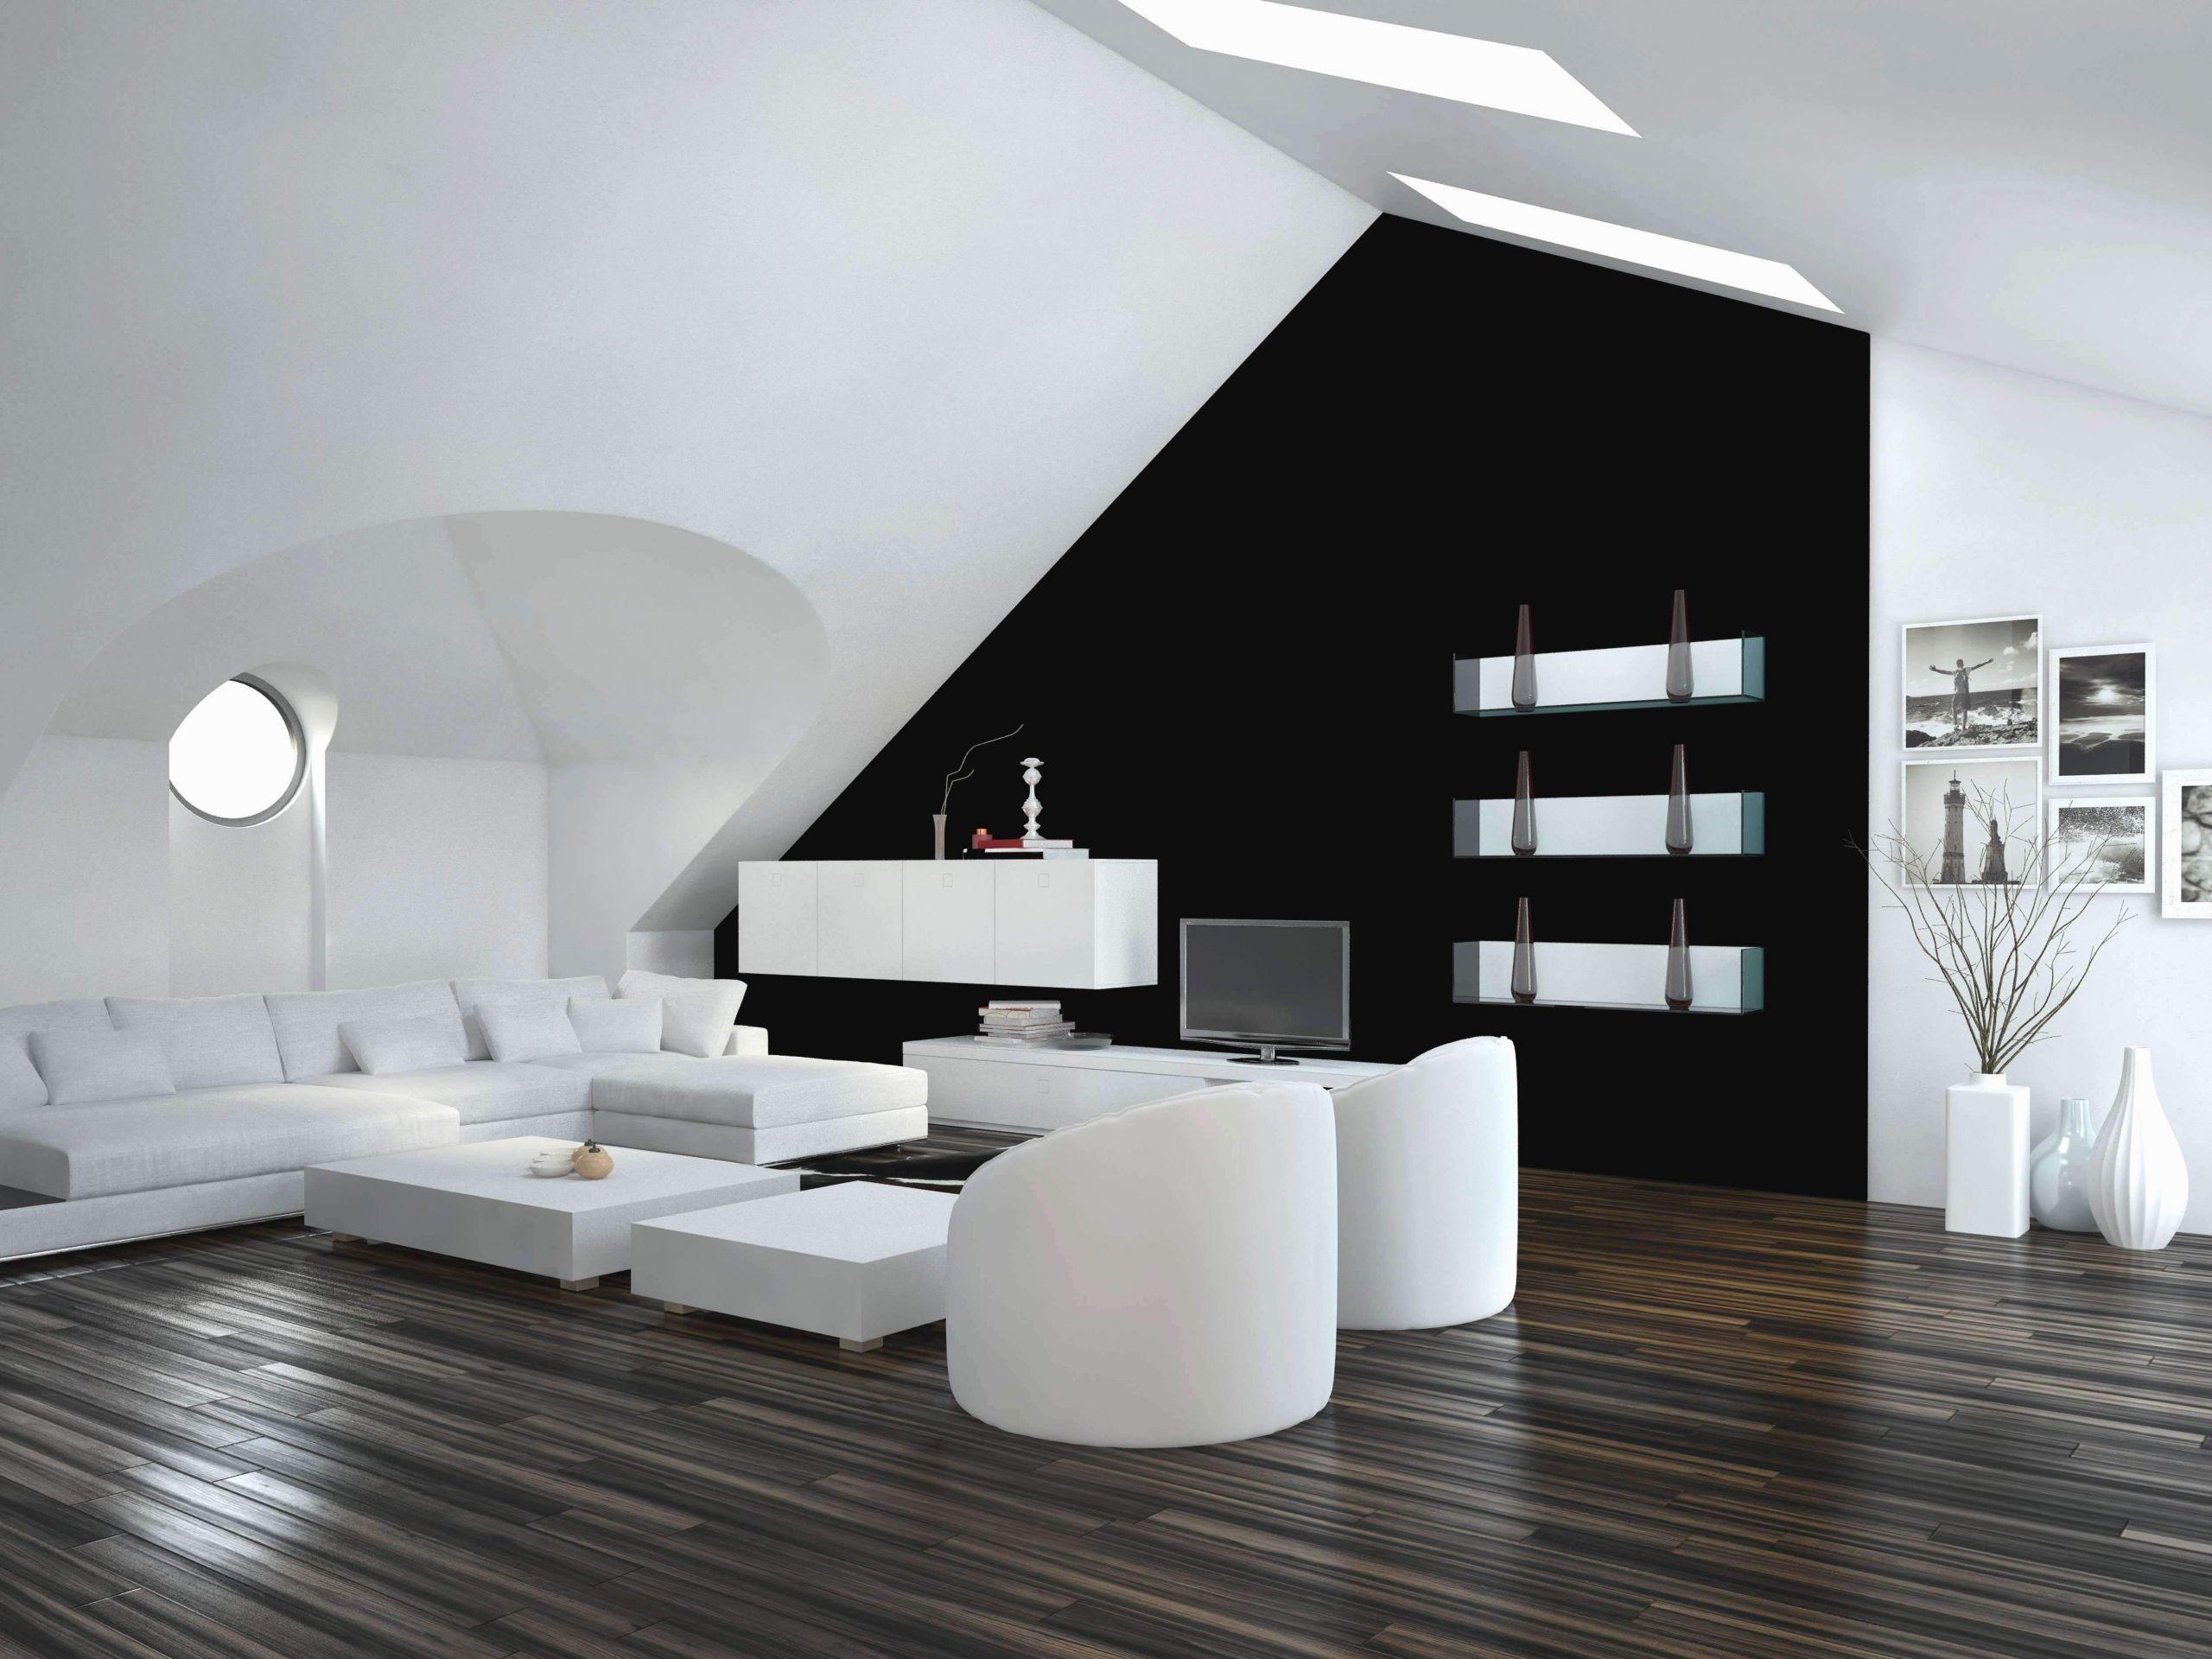 wanddeko wohnzimmer holz inspirierend steinwand wohnzimmer selber machen einzigartig wohnzimmer of wanddeko wohnzimmer holz scaled